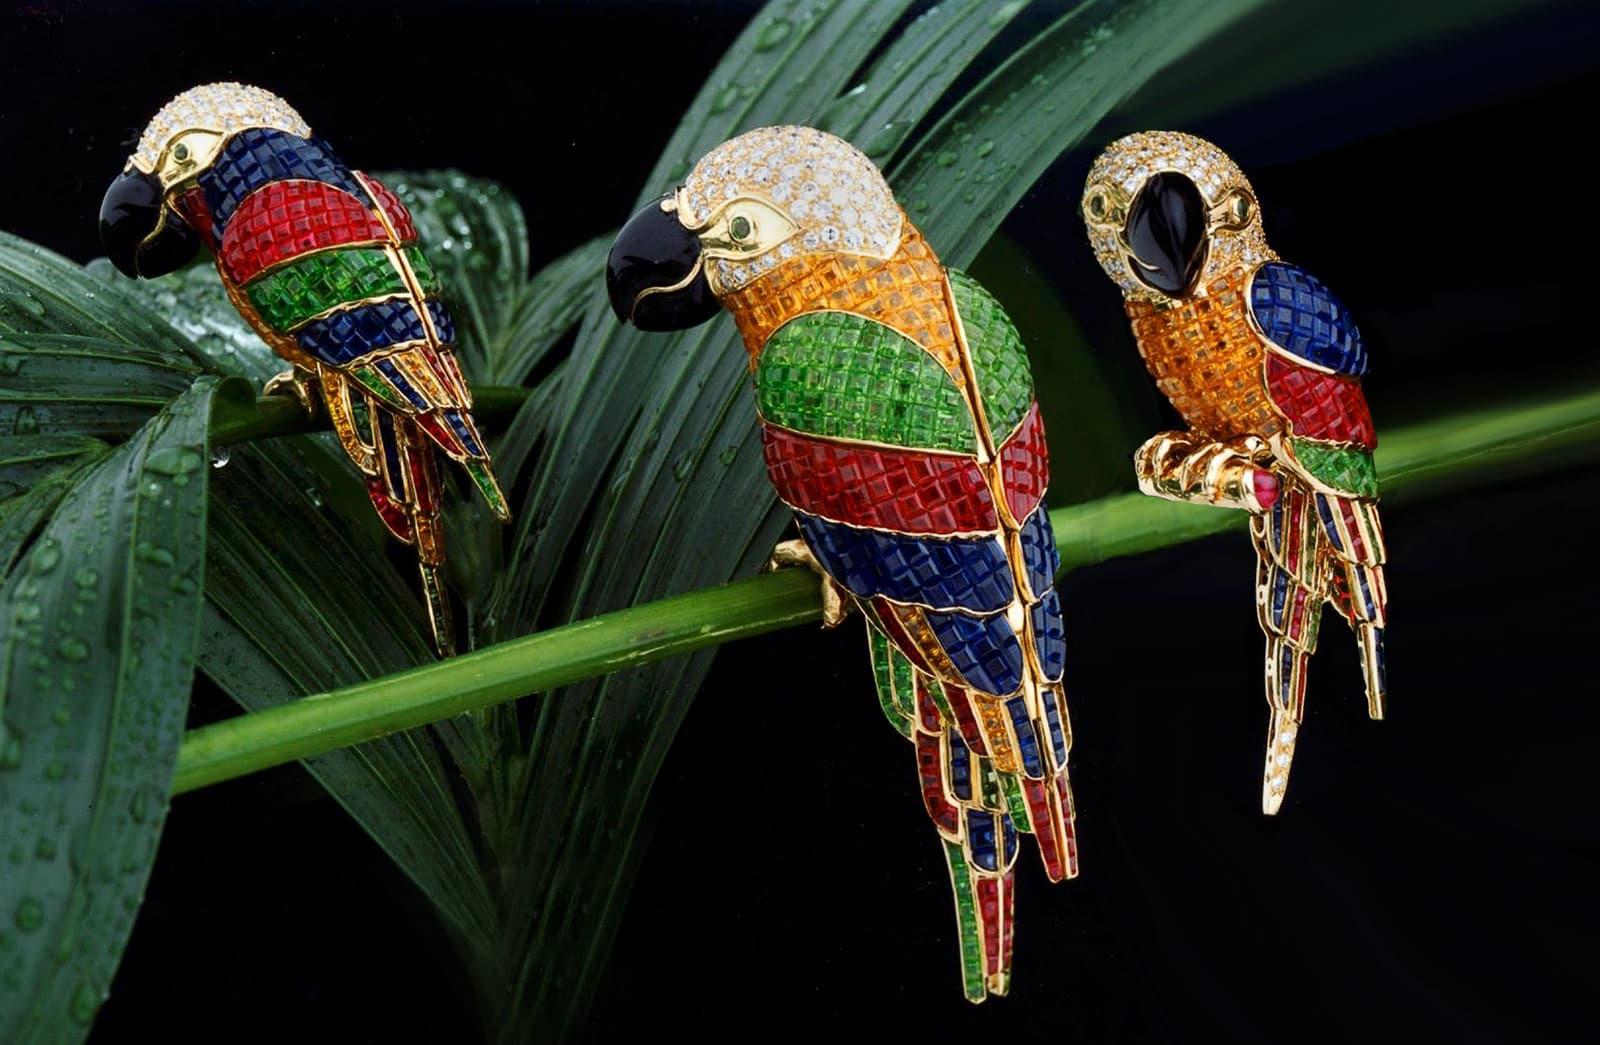 Броши Stenzhorn 'Parrots' из желтого золота с бриллиантами, эмалью, цаворитами, рубинами, голубыми и оранжевыми сапфирами